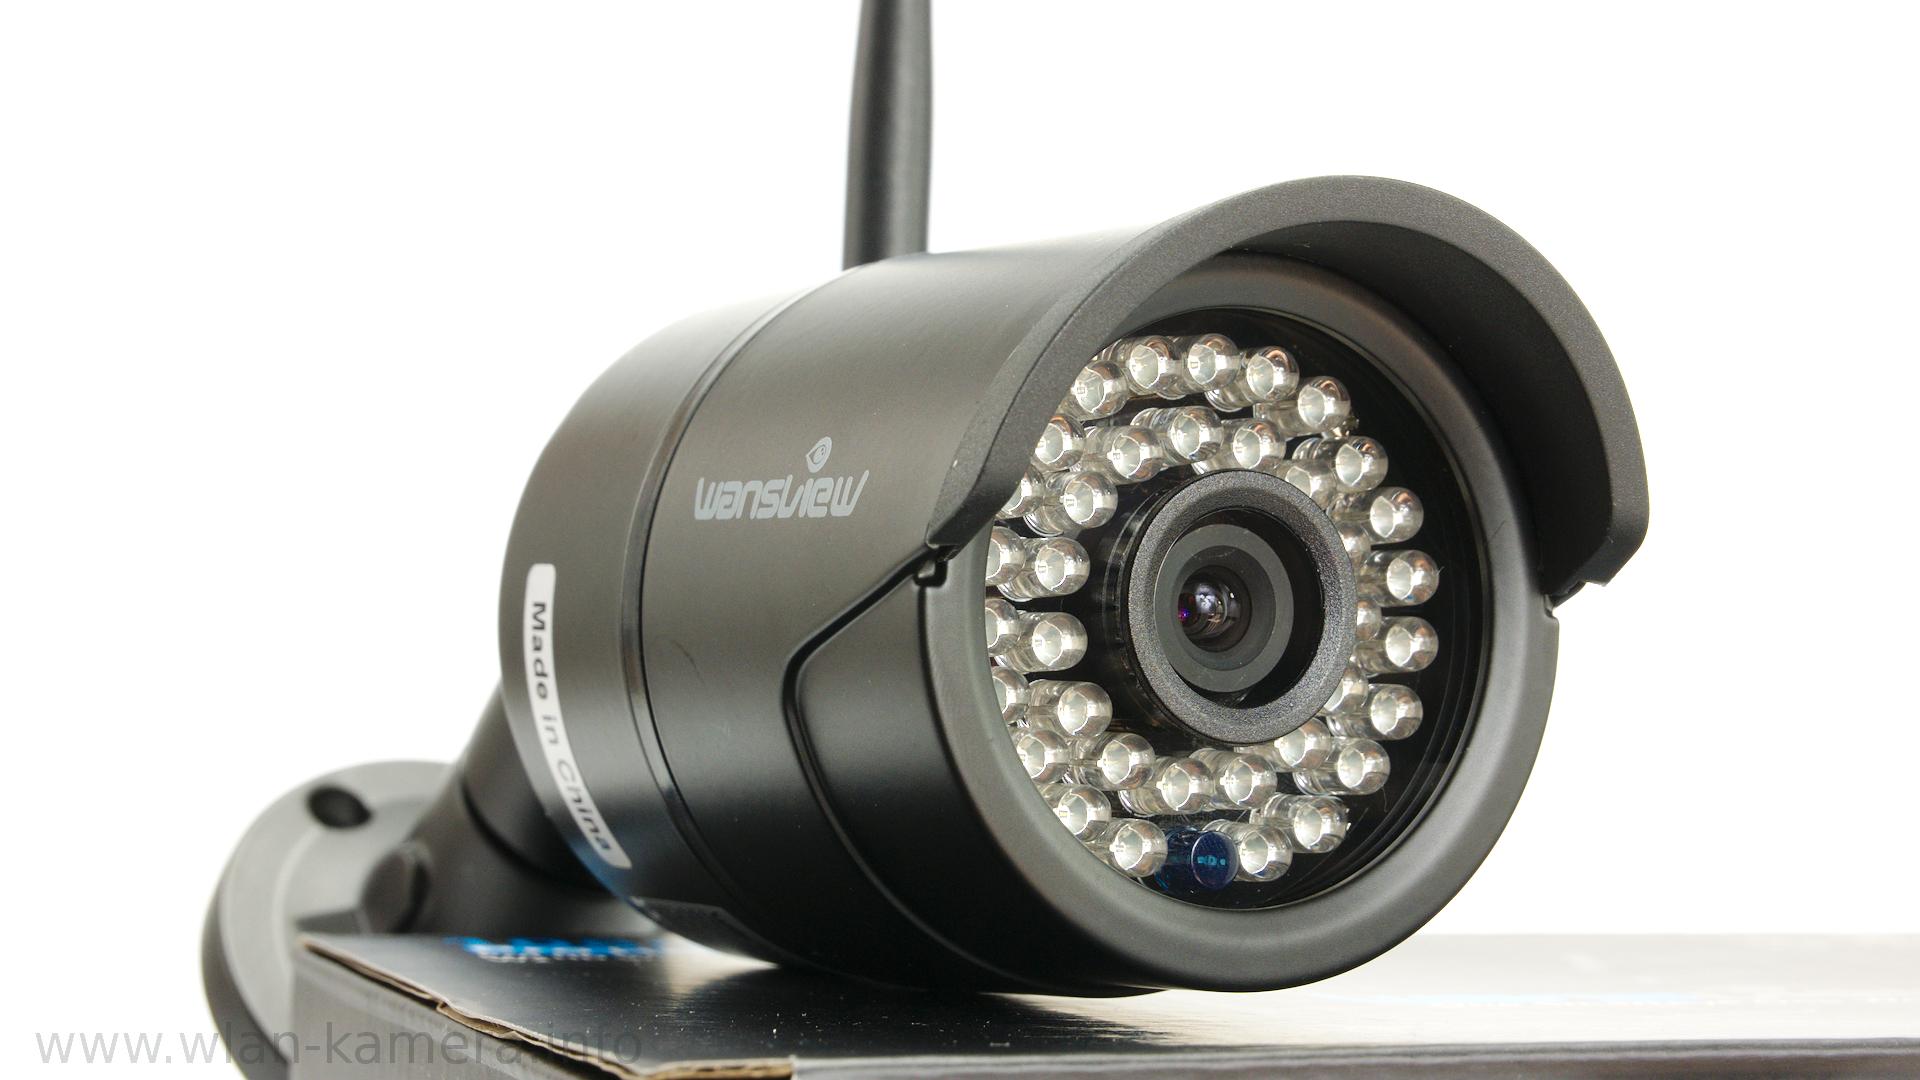 wansview w2 im test preiswerte 1080p berwachungskamera. Black Bedroom Furniture Sets. Home Design Ideas